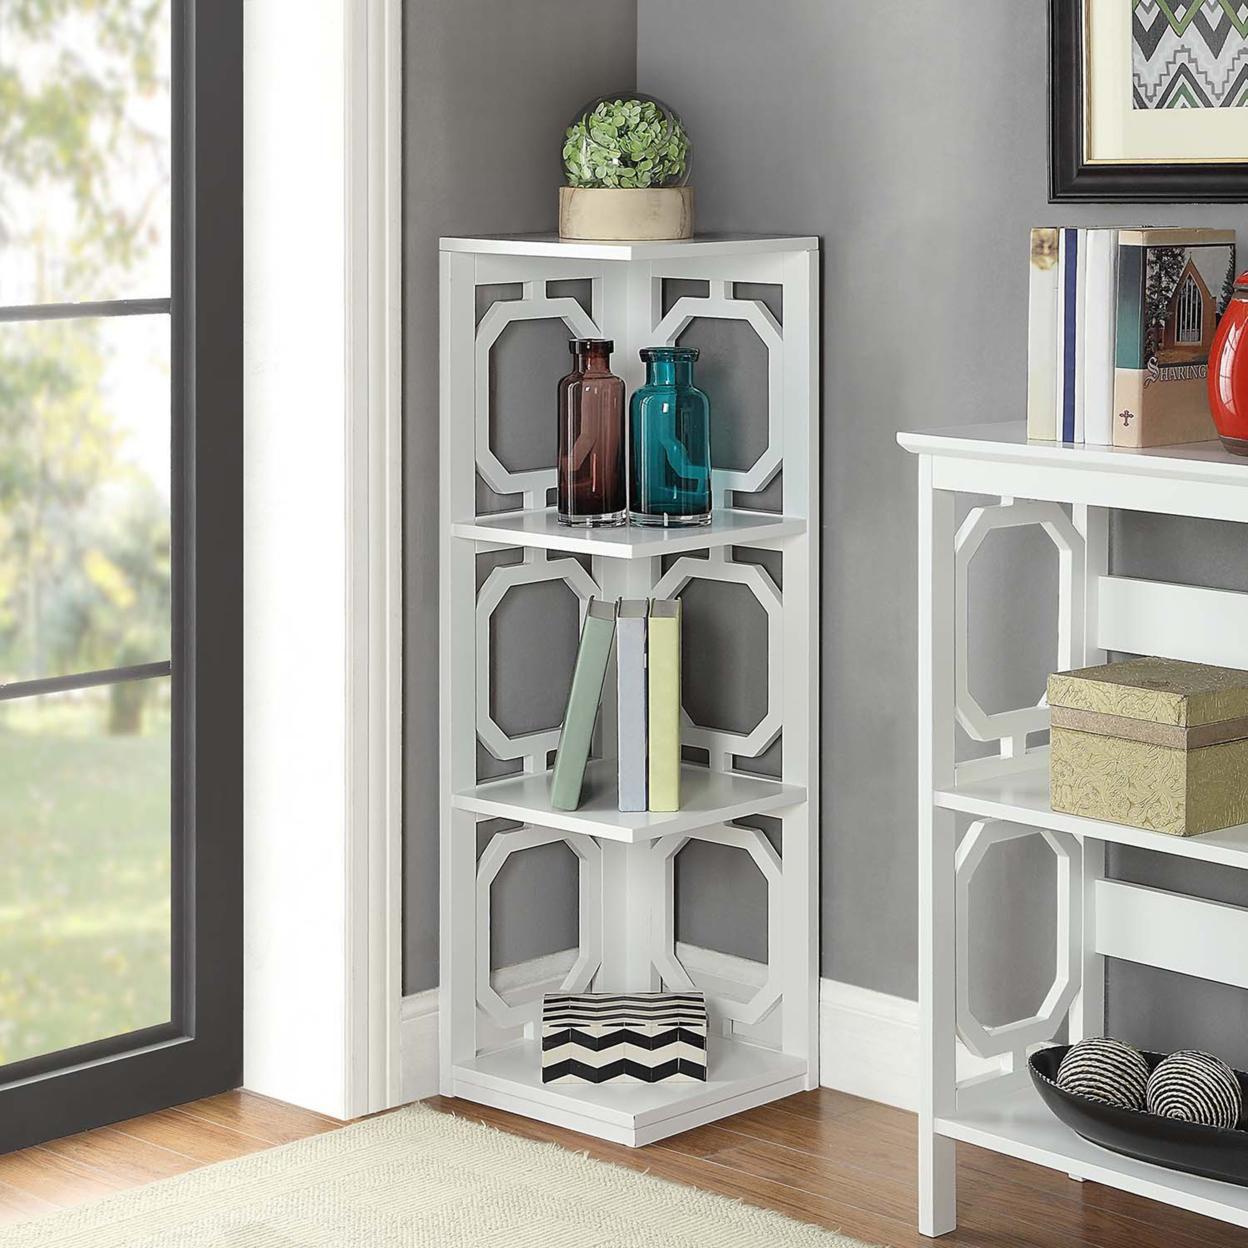 Omega 3 Tier Corner Bookcase, White